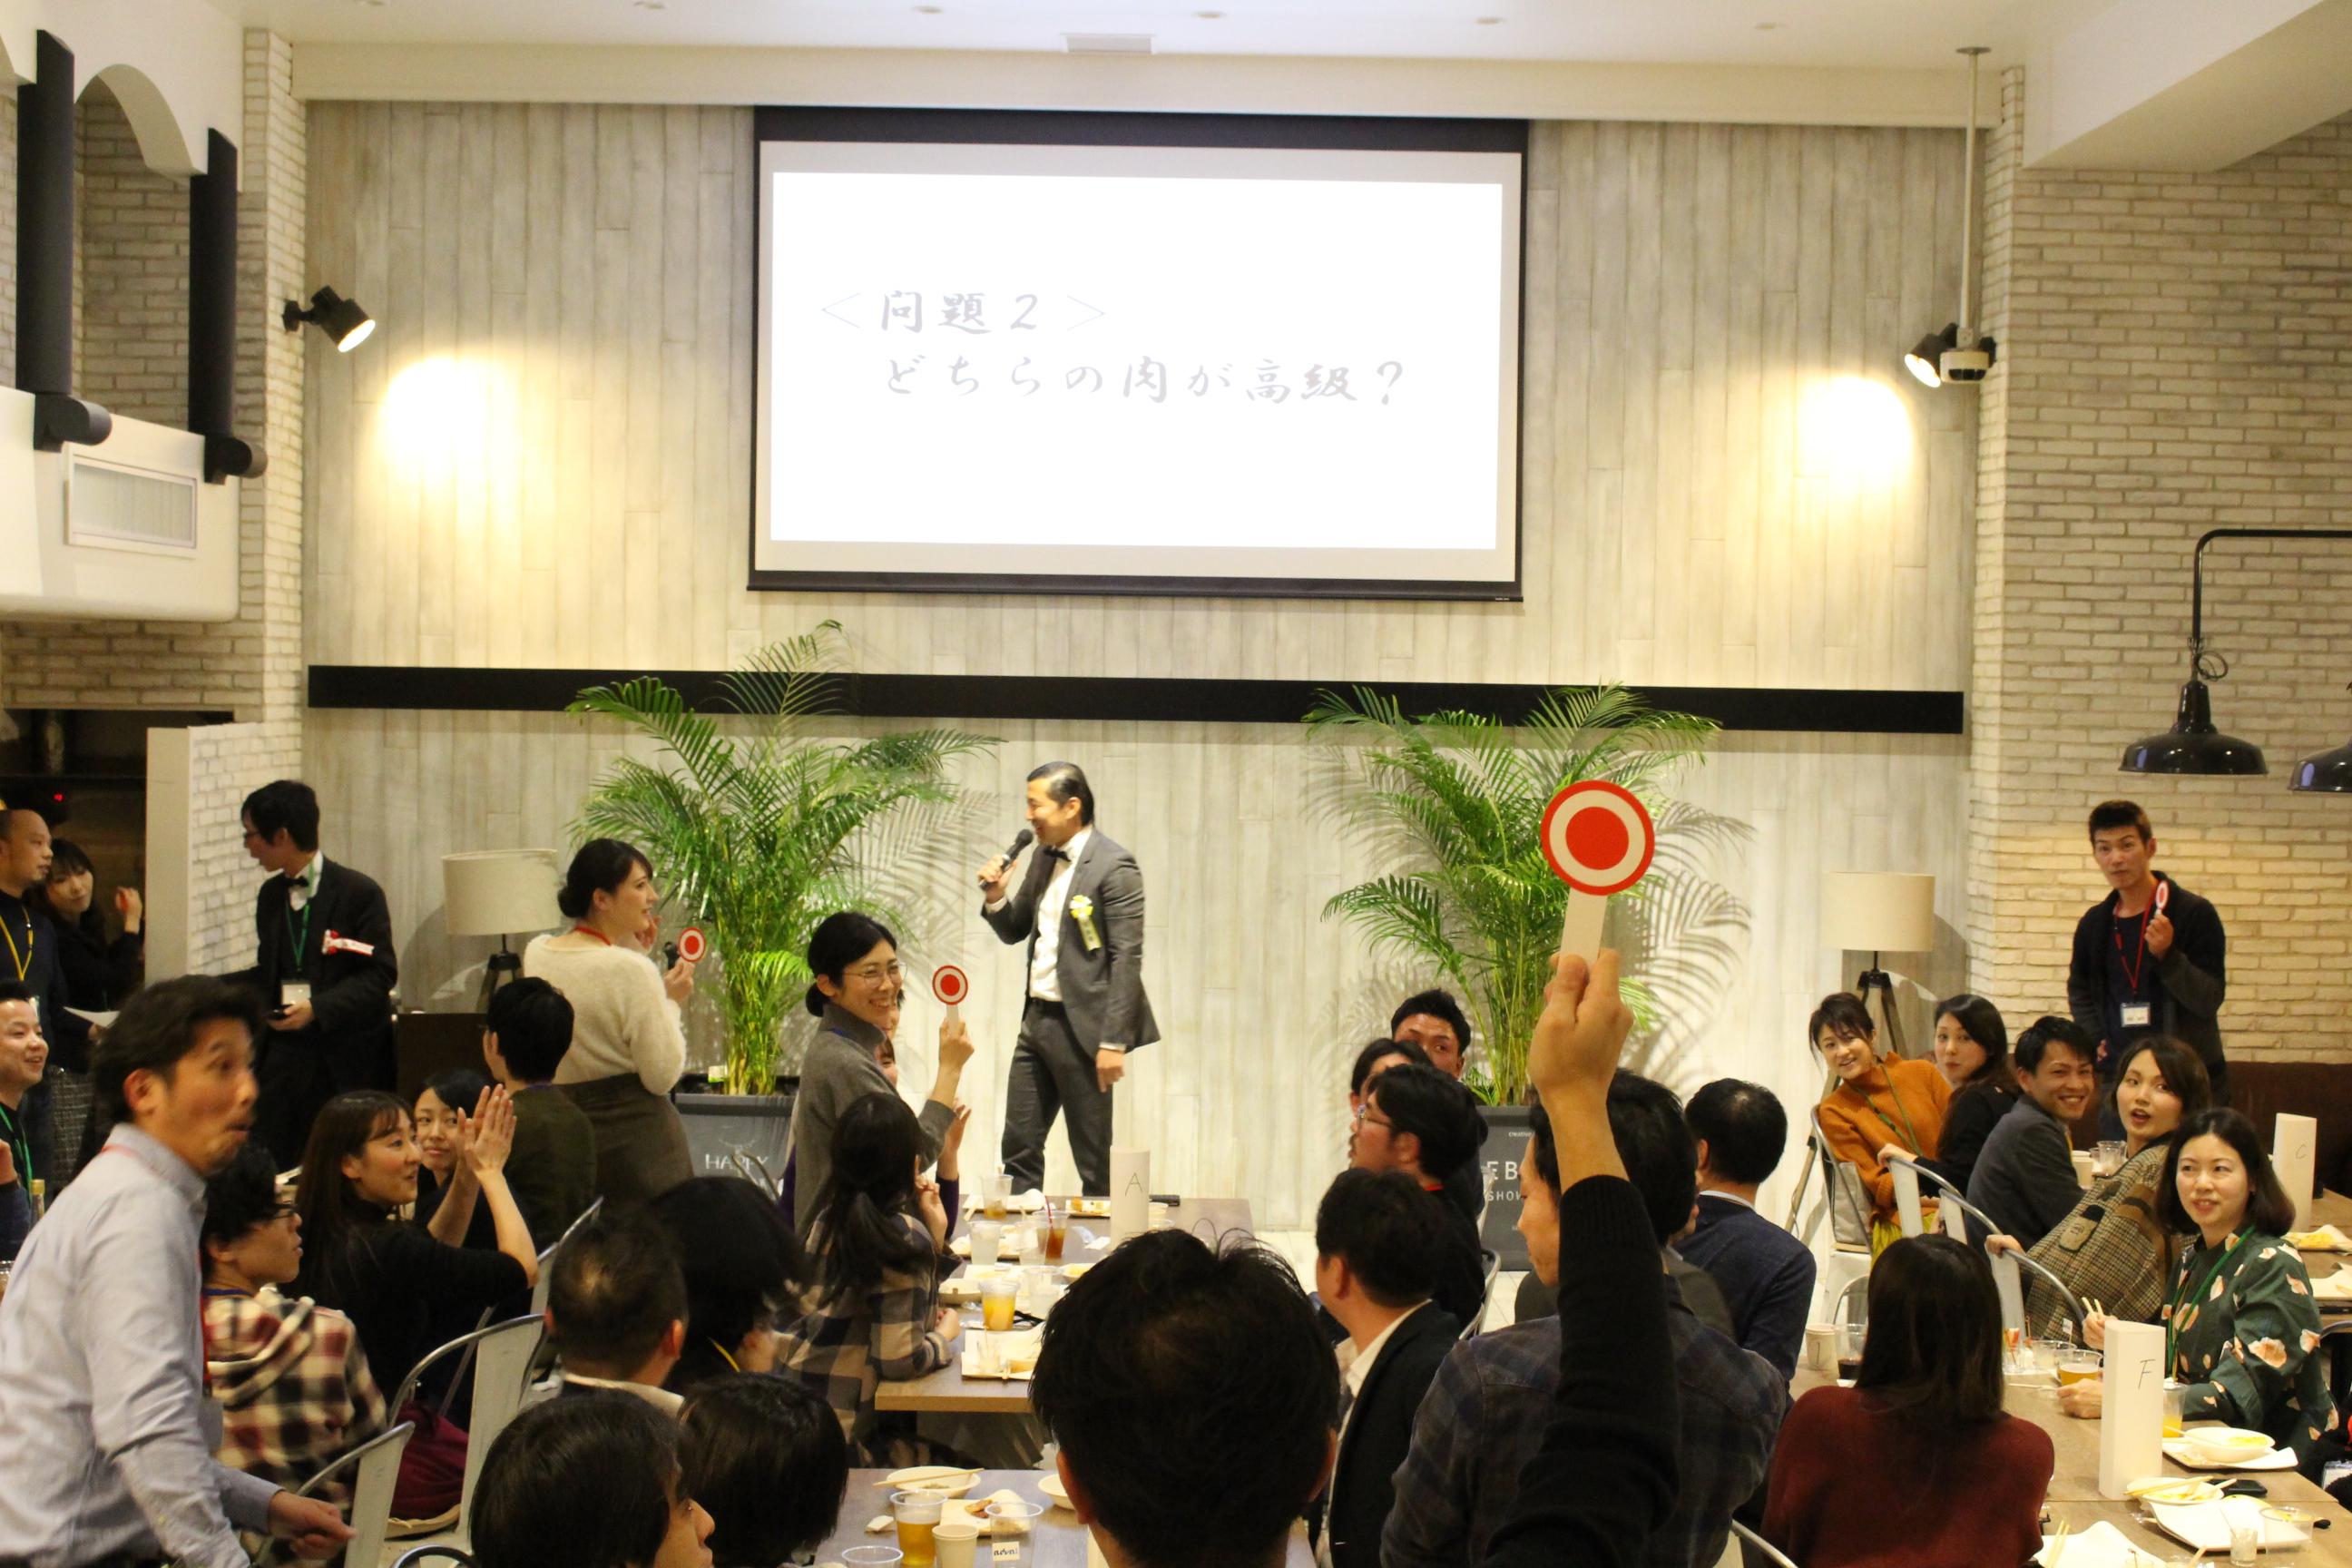 EBISU SHOW ROOMにて、あどばるの新年会を行いました!|TIME SHARING|タイムシェアリング |スペースマネジメント|あどばる|adval|SHARING